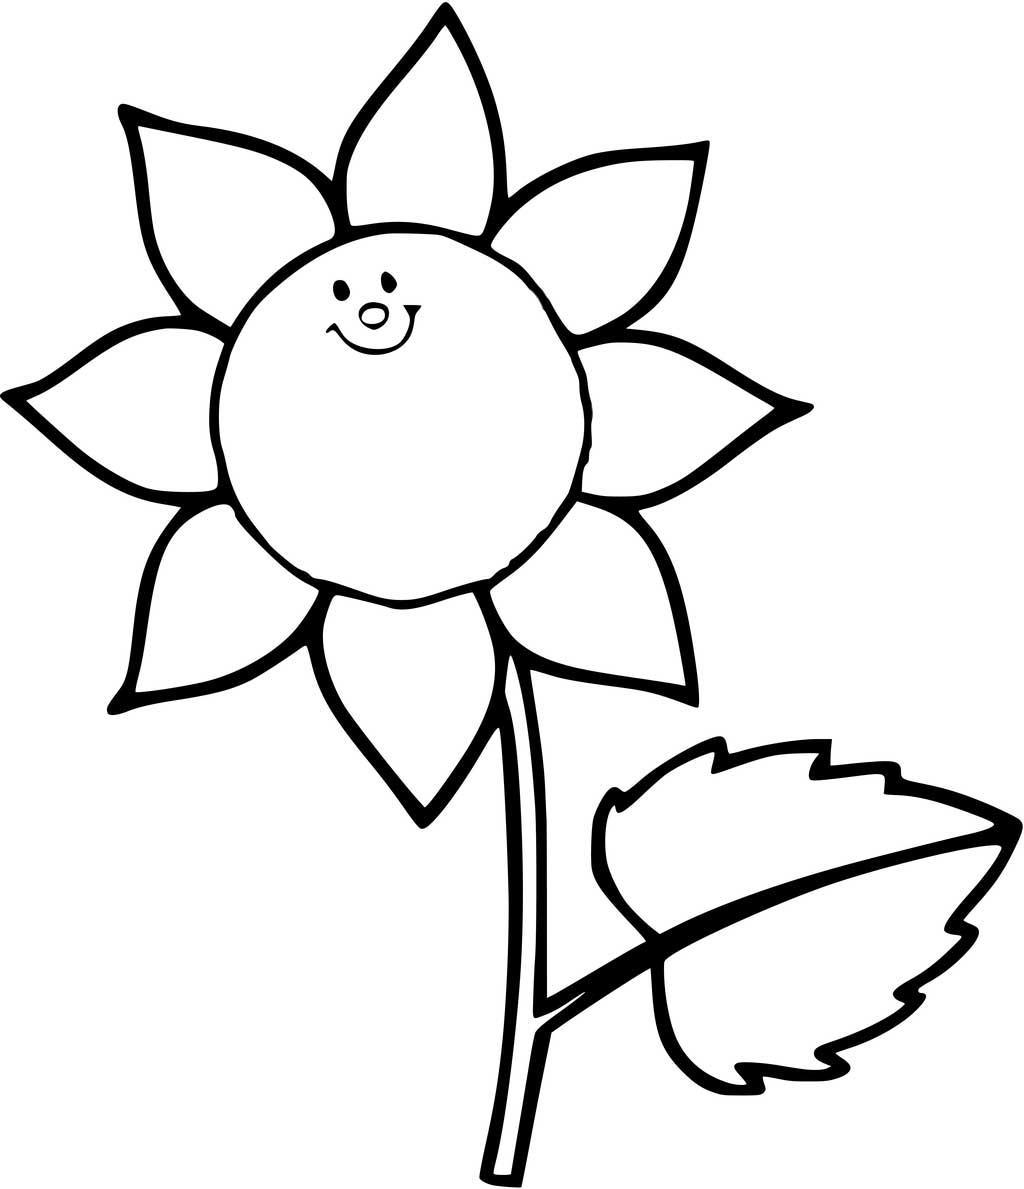 Tranh vẽ tô màu hoa hướng dương đẹp